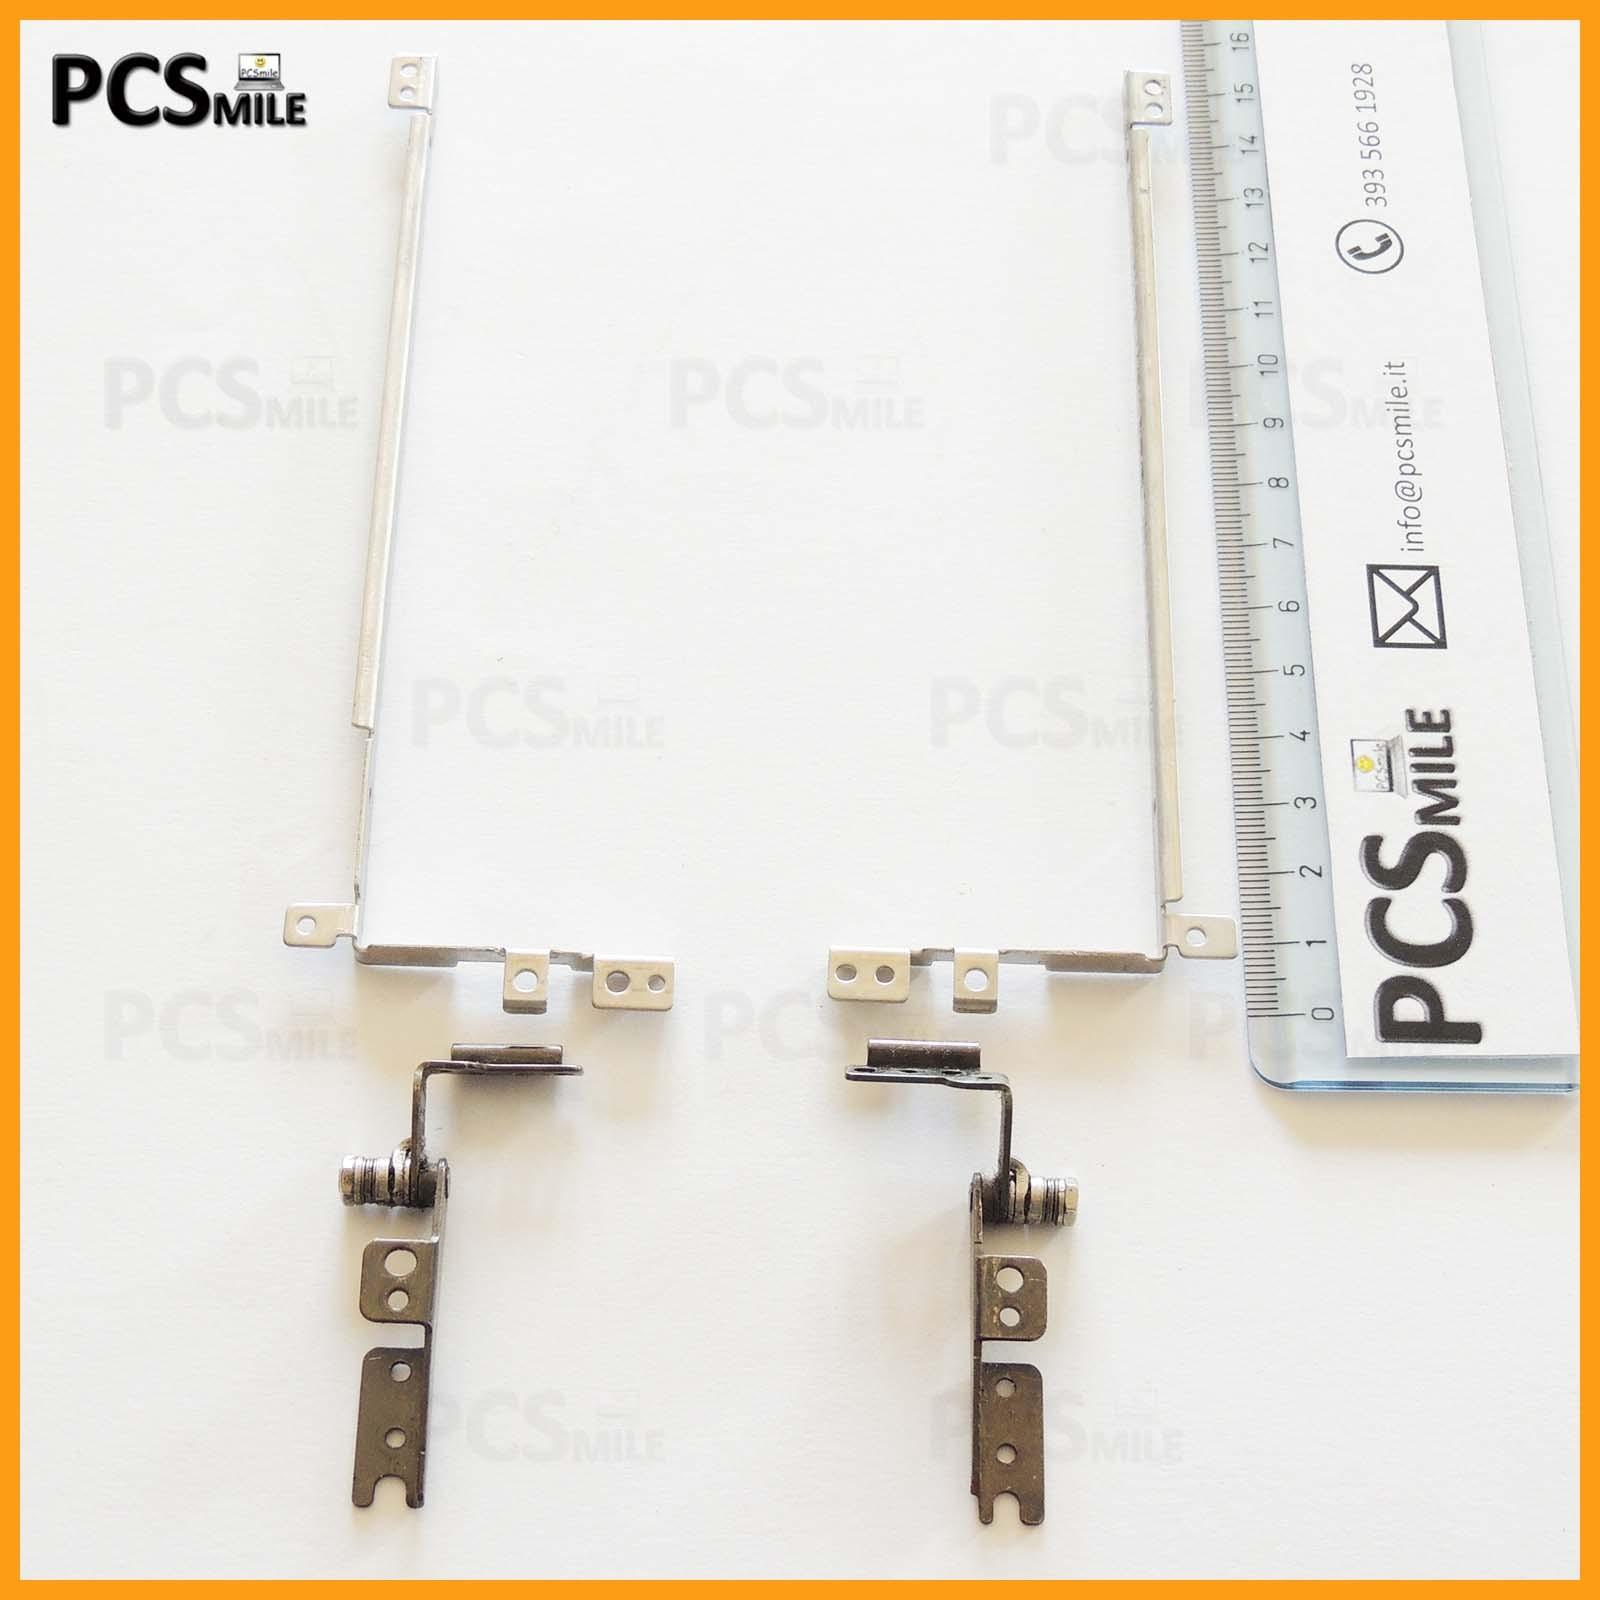 Cerniere Asus Eee PC 1005HA HSD R - L supporto schermo supporti display